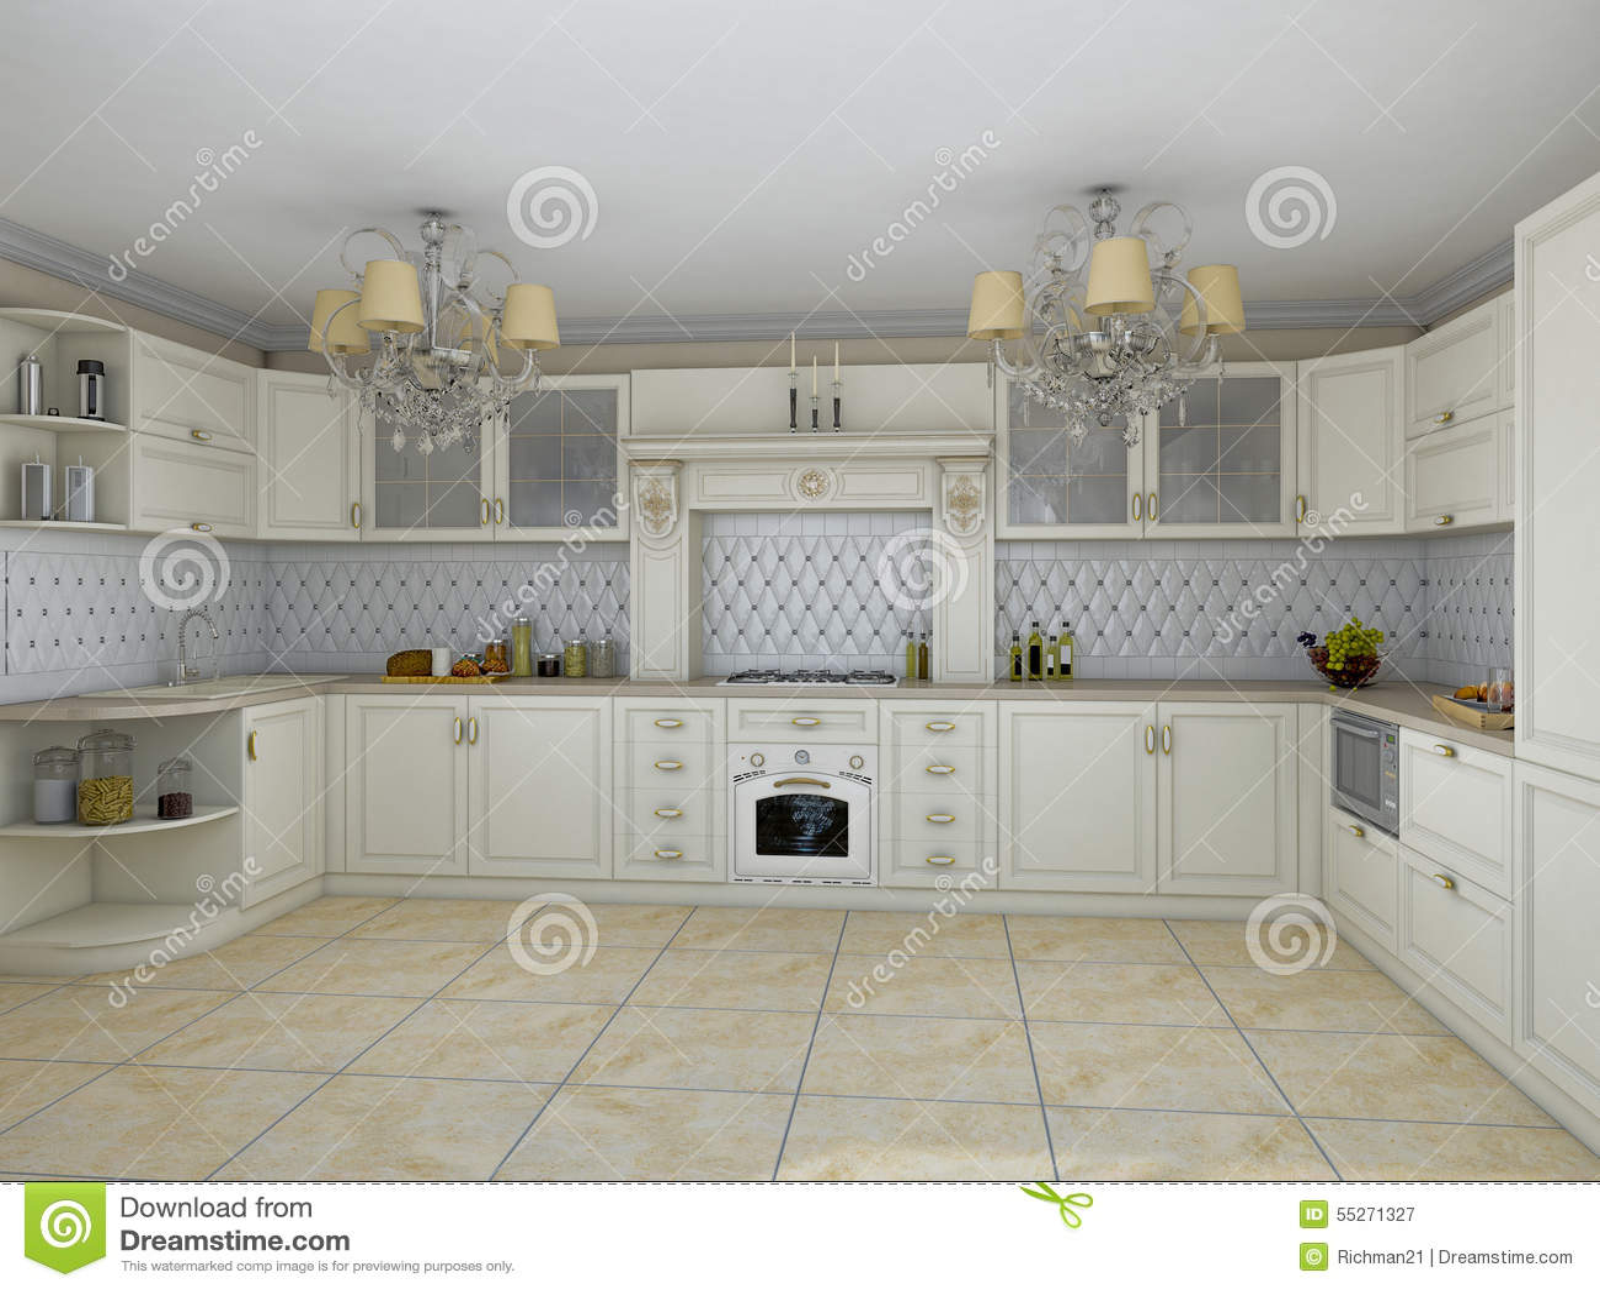 D illustratie van witte keuken in klassieke stijl stock